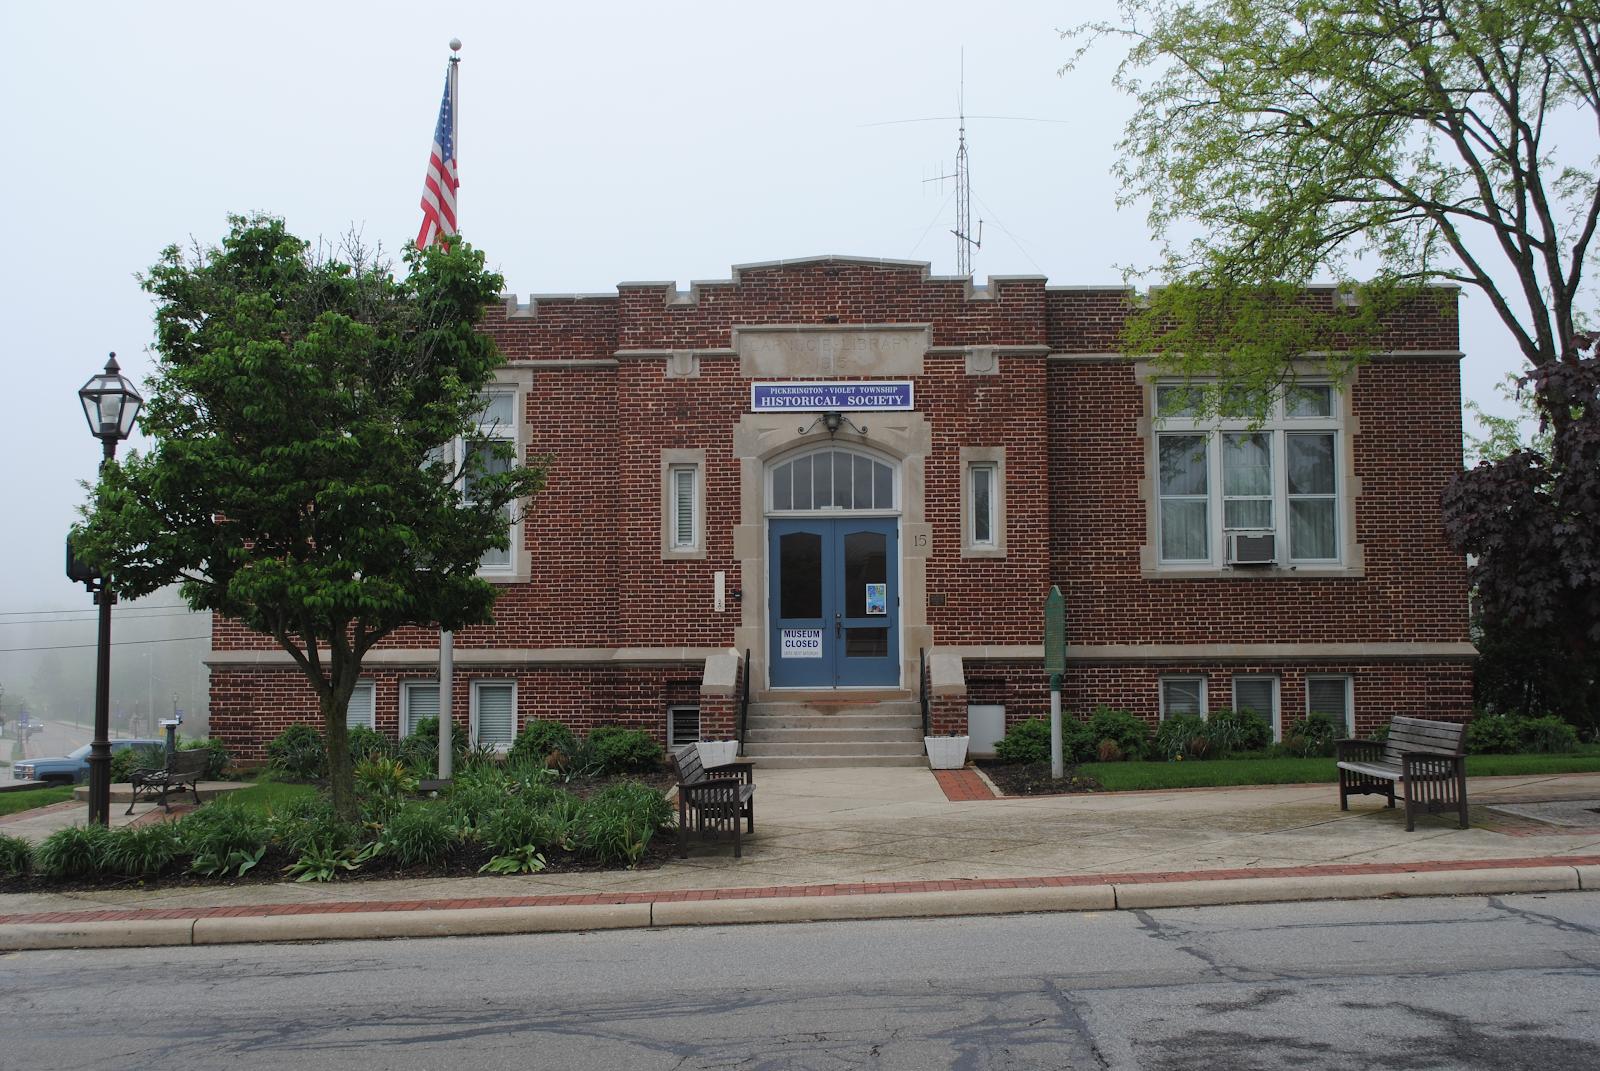 the Pickerington Historical Society